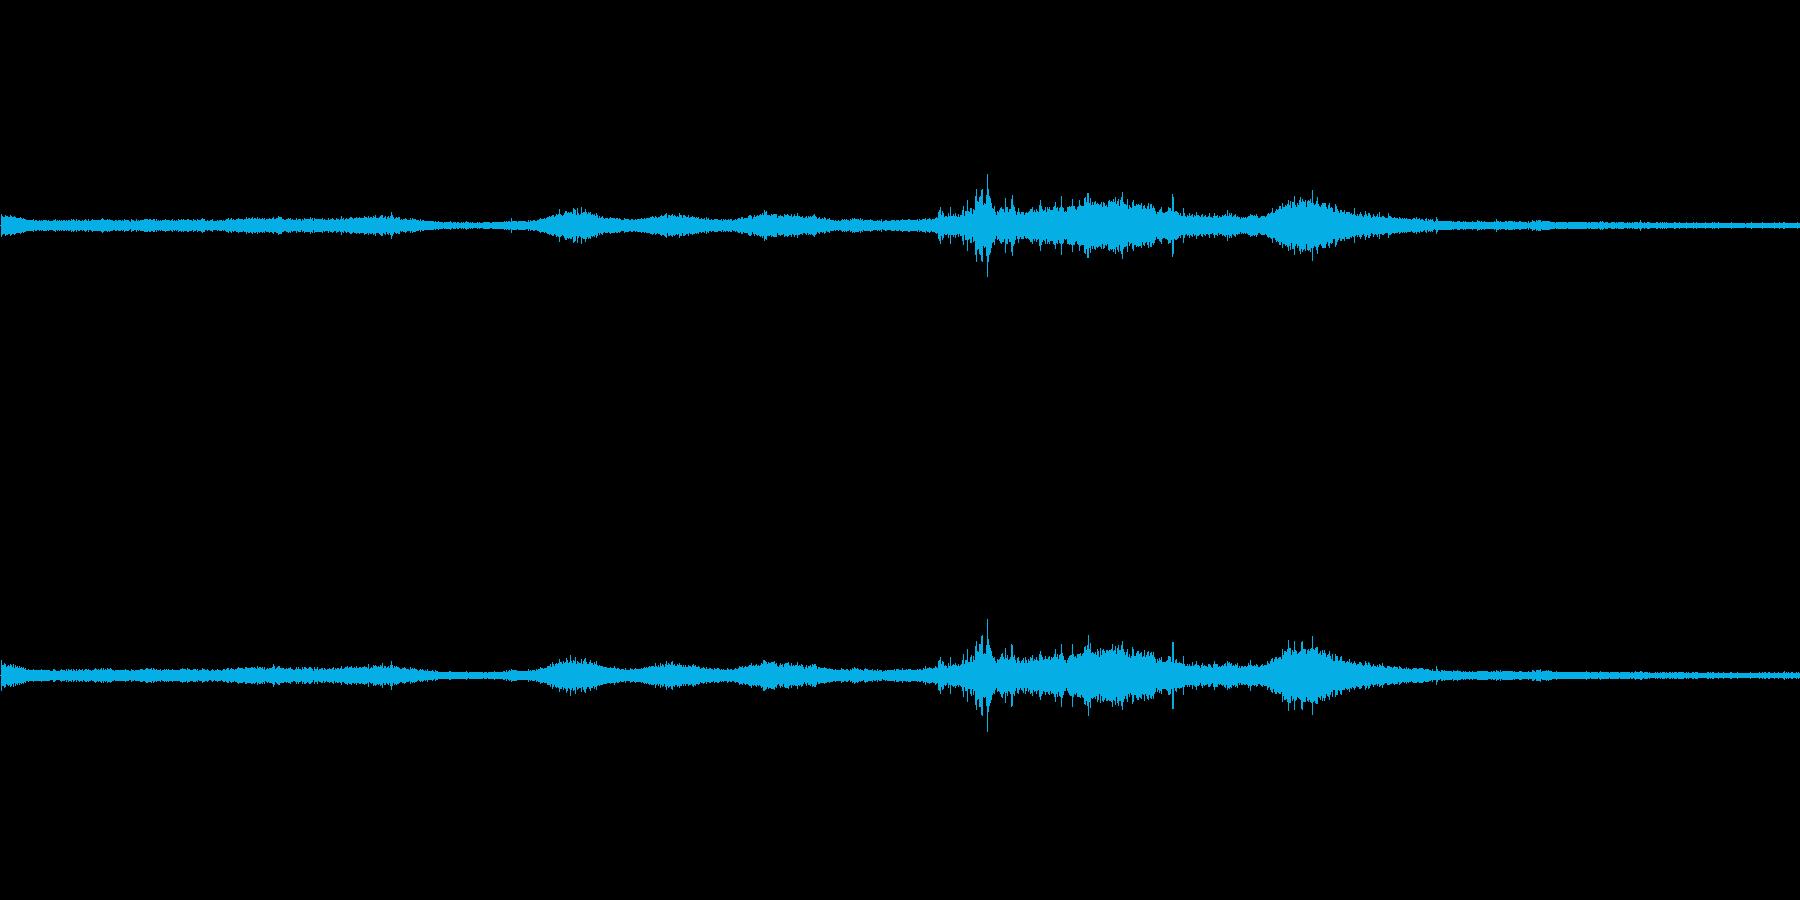 【生音】雷雨17 - 雨と雷と通行音の再生済みの波形